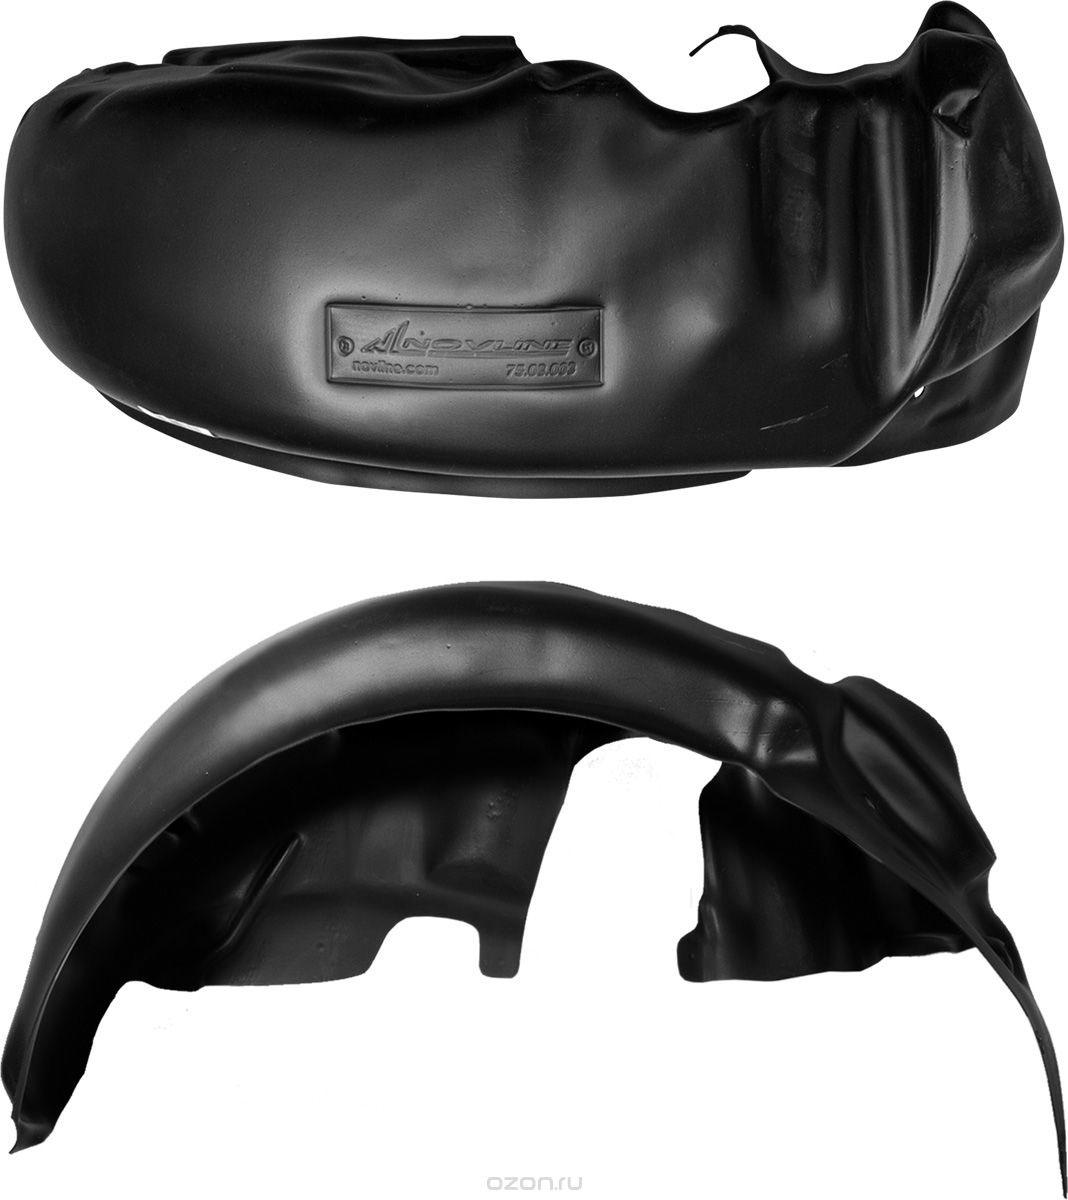 Подкрылок Novline-Autofamily, для GREAT WALL Hover M2, 2013->, передний левыйNLL.59.12.001Идеальная защита колесной ниши. Локеры разработаны с применением цифровых технологий, гарантируют максимальную повторяемость поверхности арки. Изделия устанавливаются без нарушения лакокрасочного покрытия автомобиля, каждый подкрылок комплектуется крепежом. Уважаемые клиенты, обращаем ваше внимание, что фотографии на подкрылки универсальные и не отражают реальную форму изделия. При этом само изделие идет точно под размер указанного автомобиля.